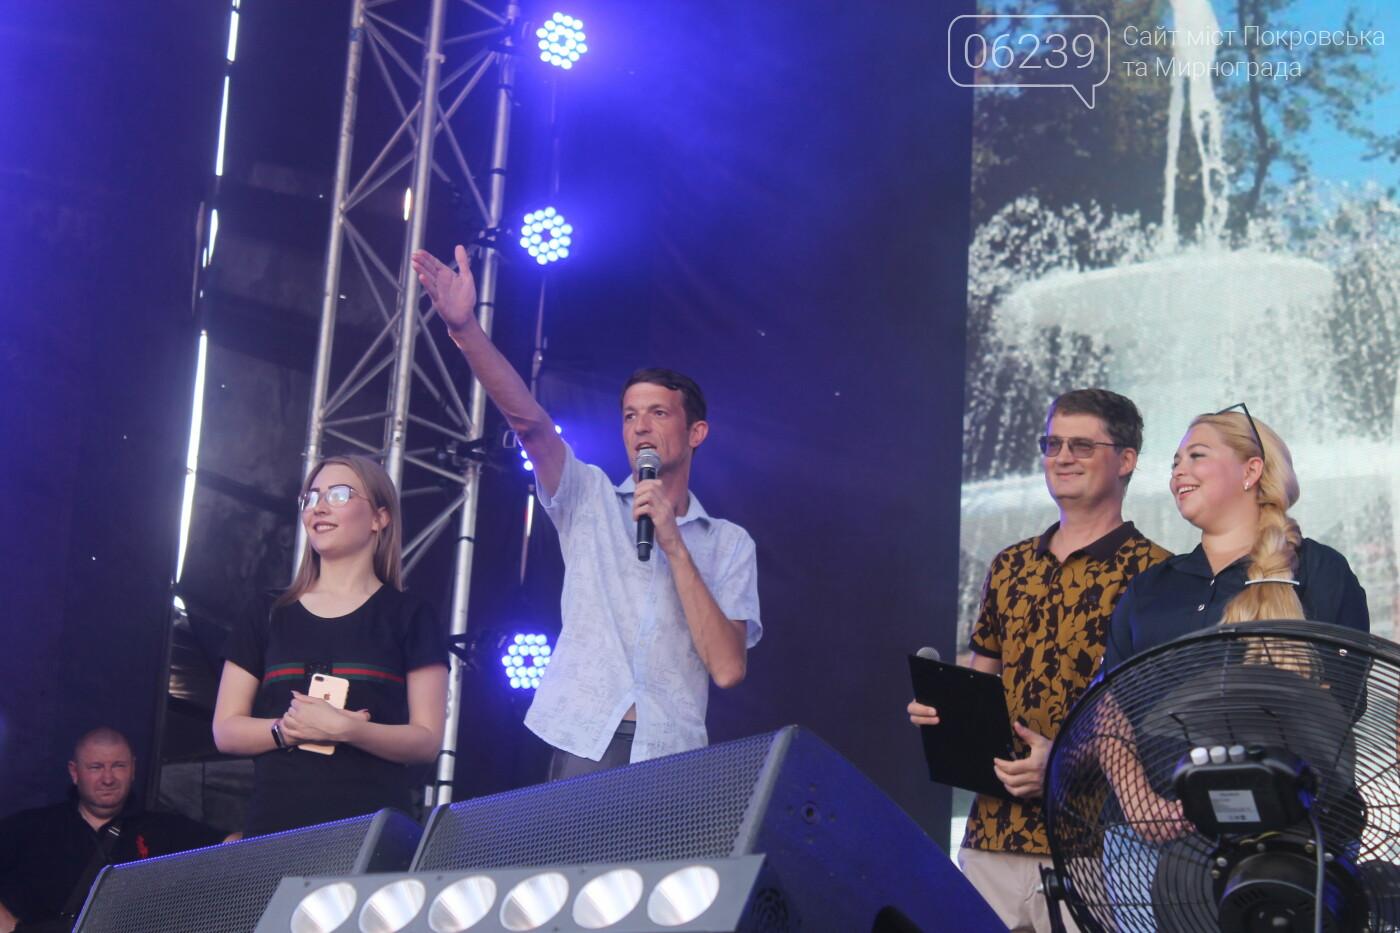 """Традиционное """"Караоке на майдане"""" в Покровске подарило горожанам хорошее настроение, море песен и улыбок, фото-9"""